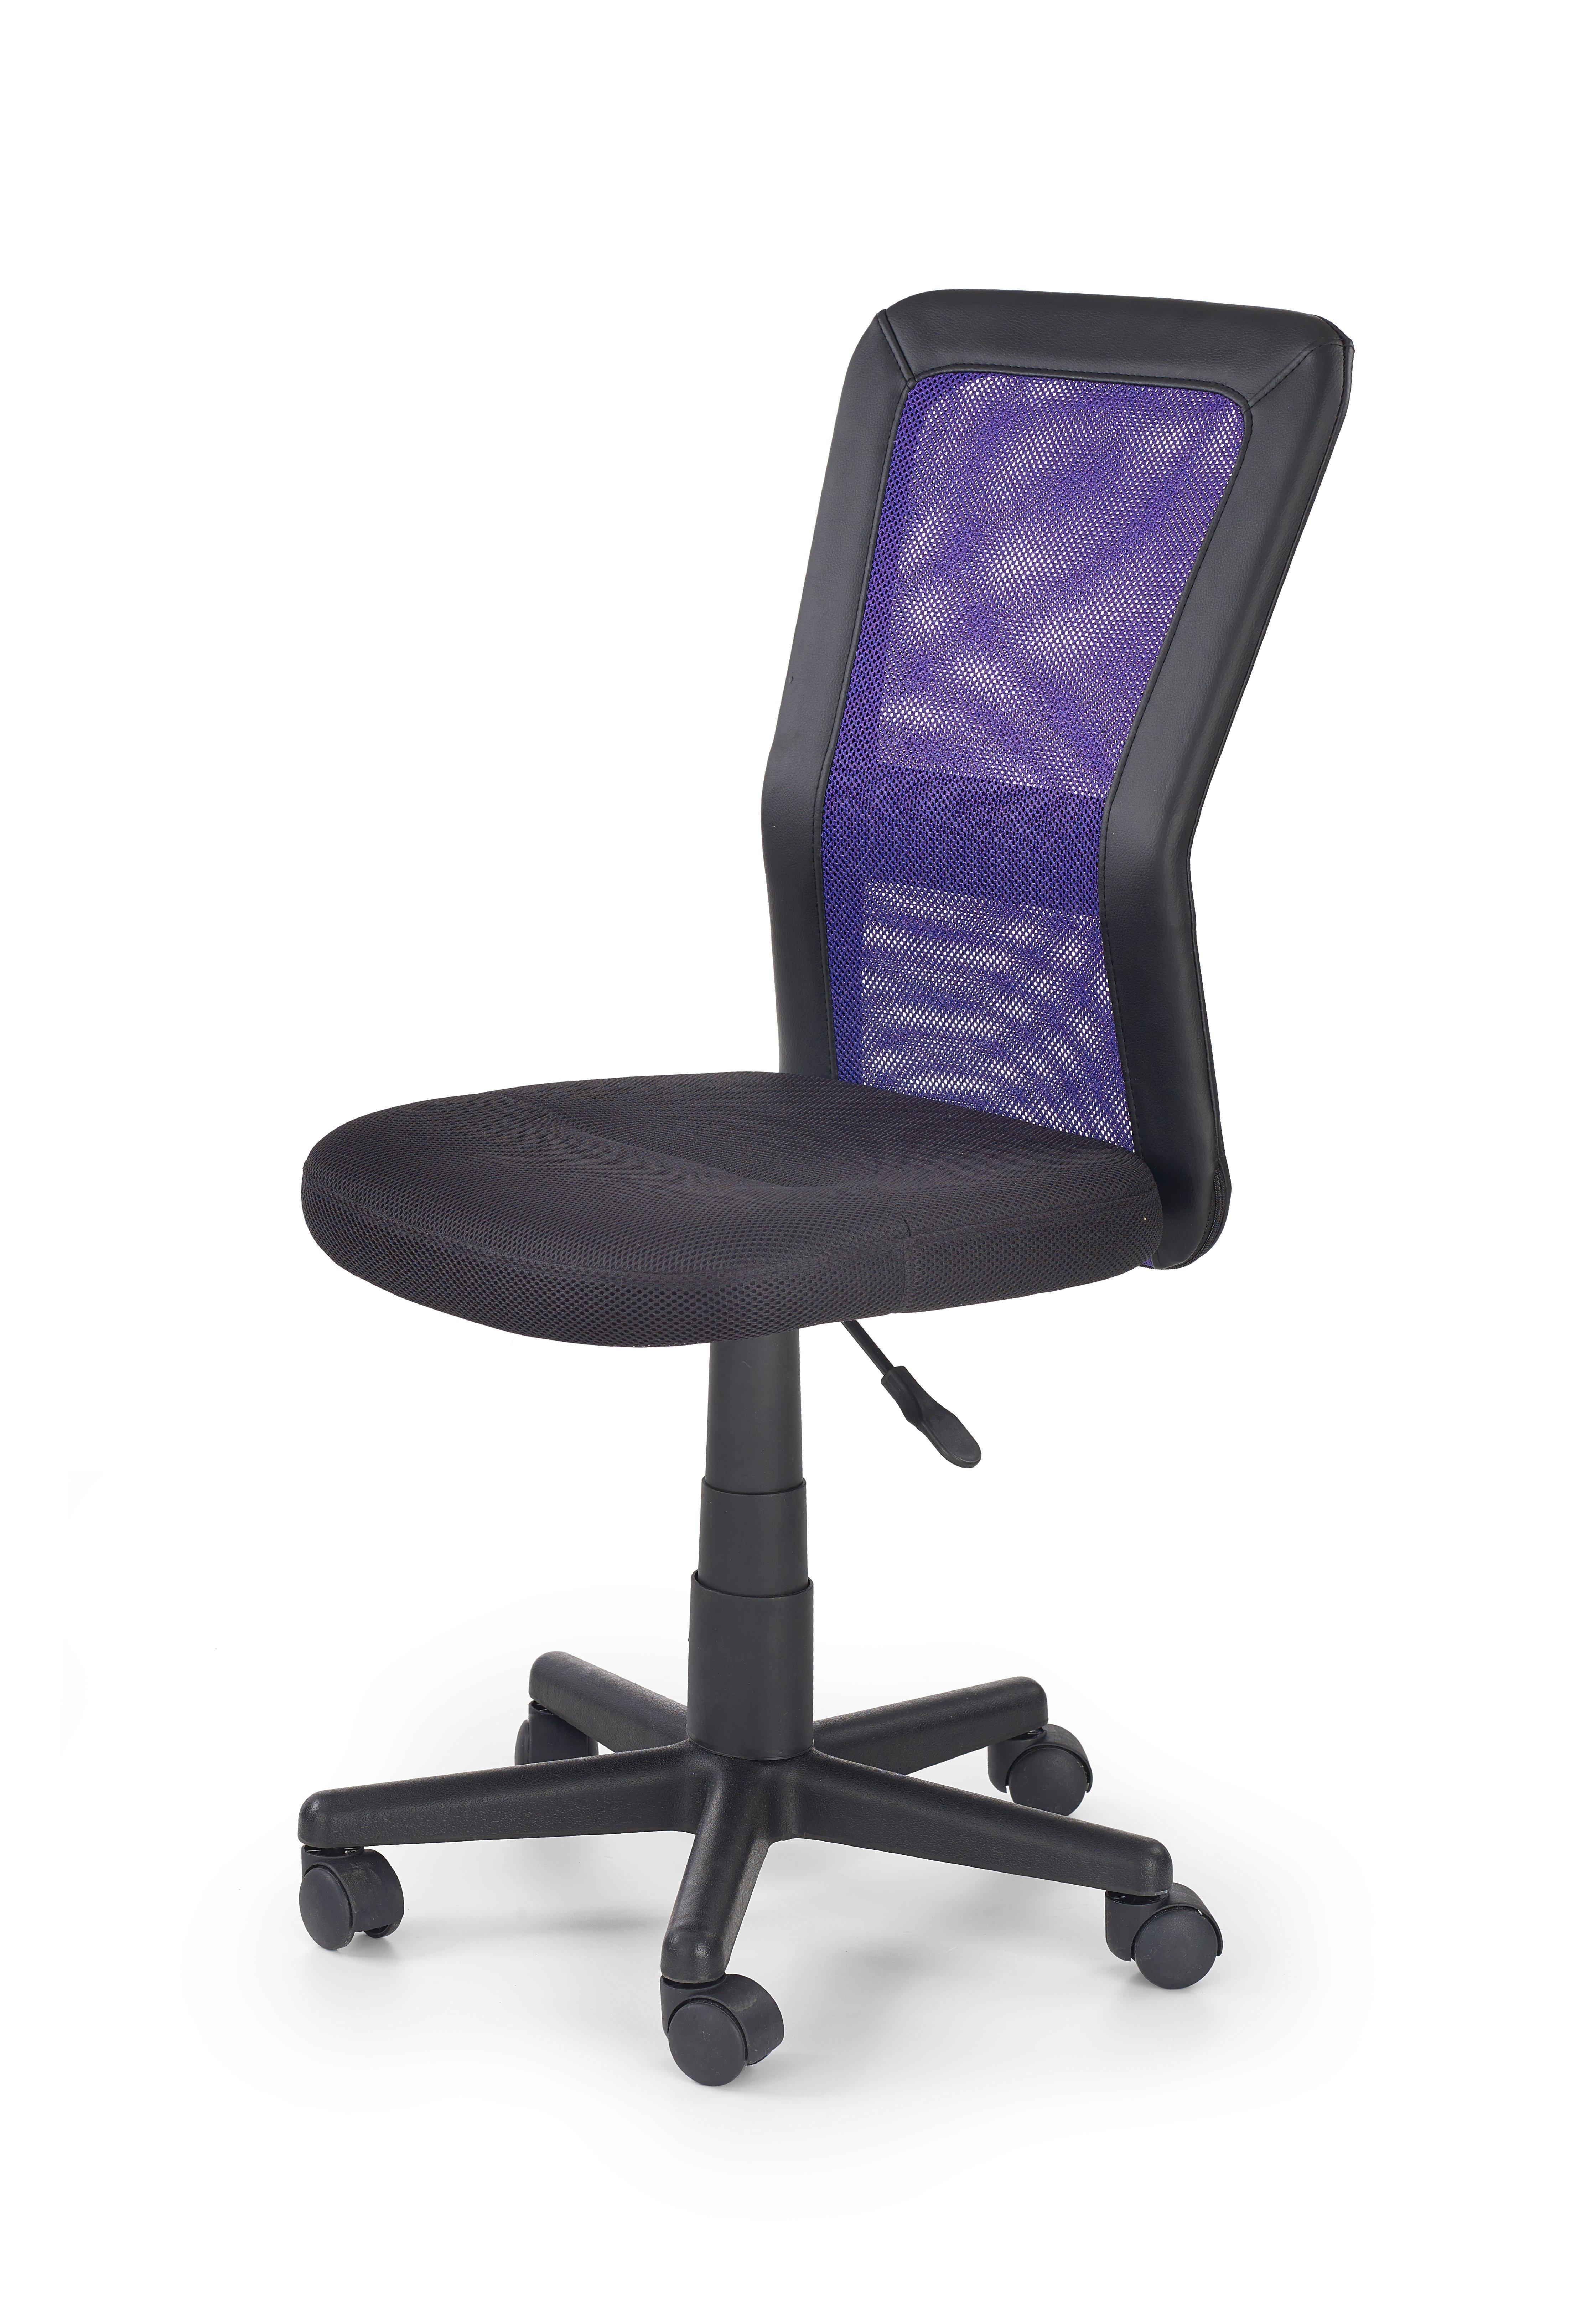 COSMO detská stolička čierno-fialová